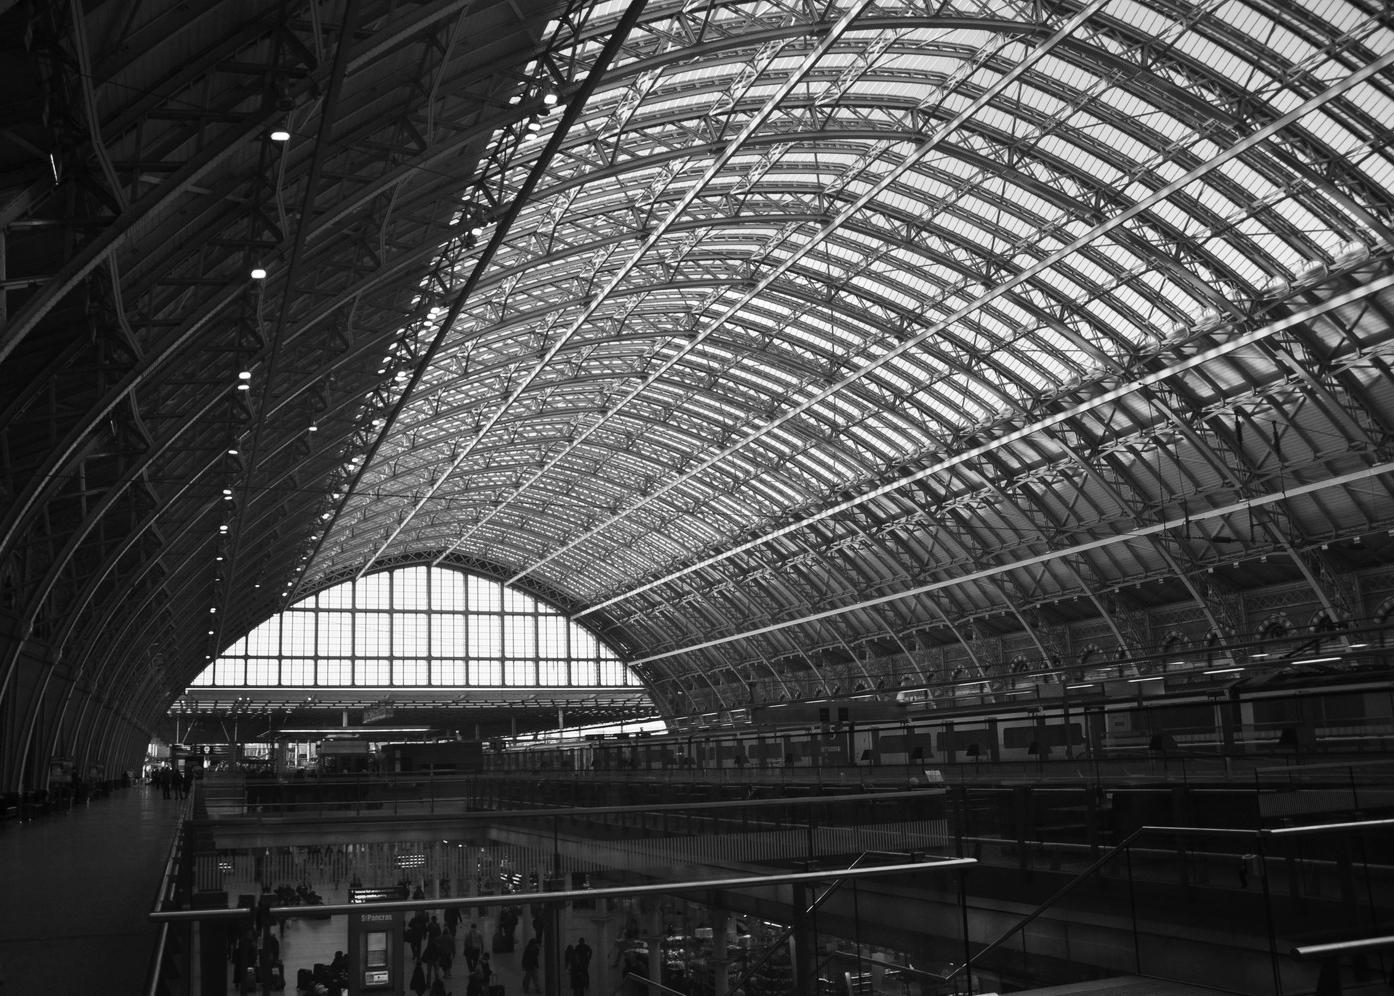 St Pancras Train Shed